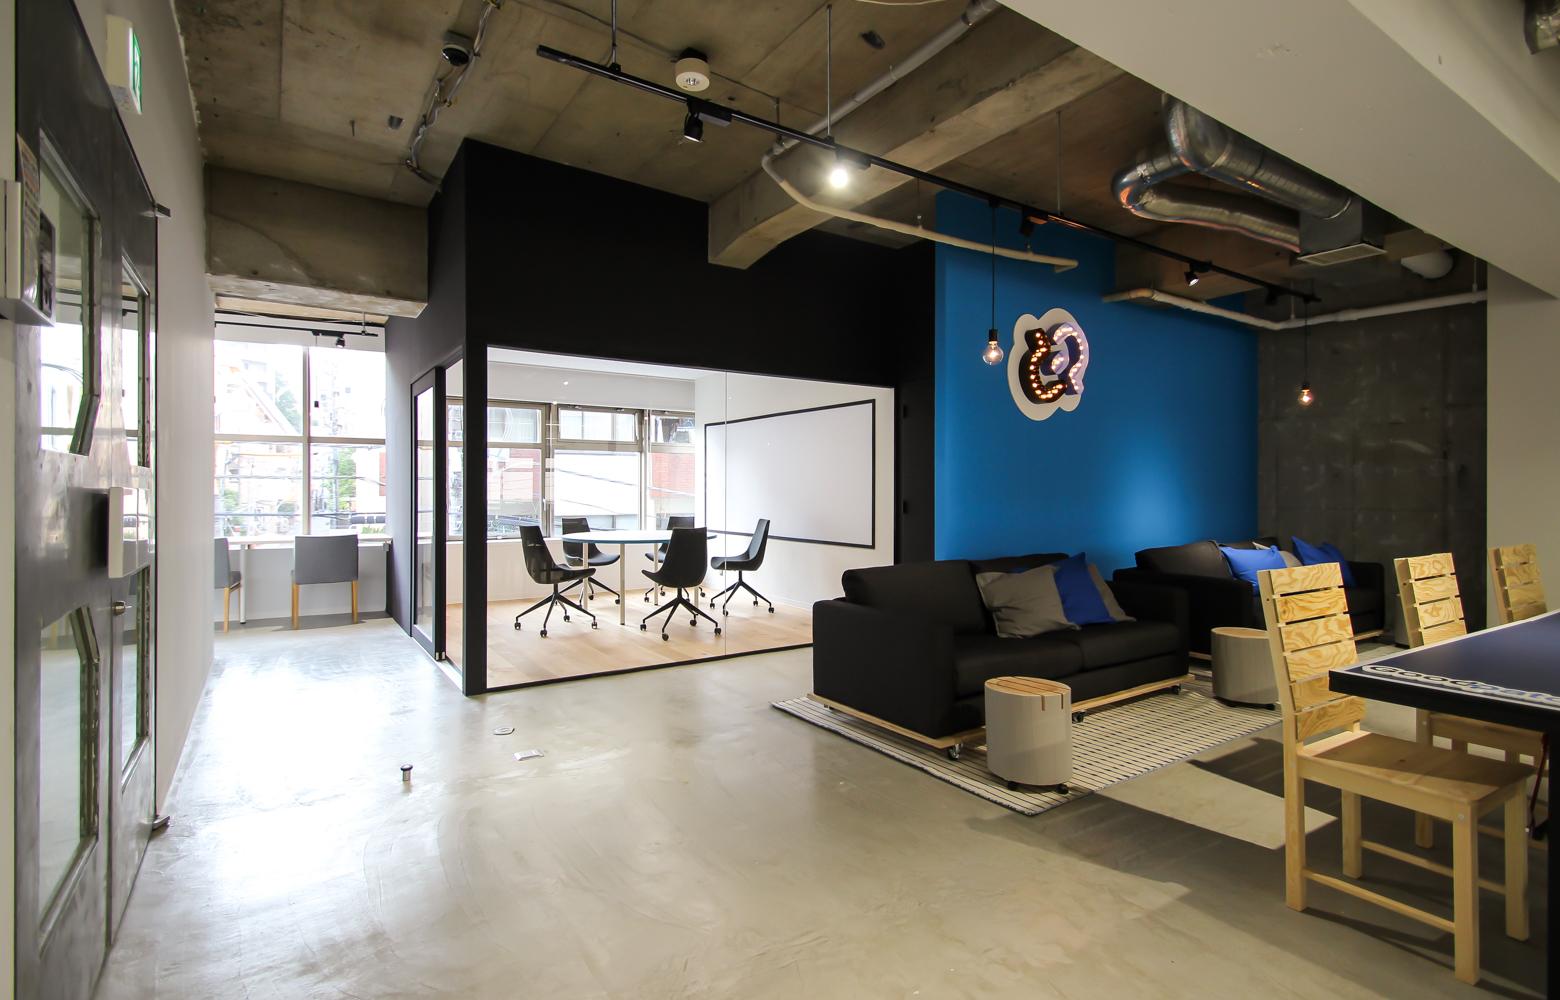 株式会社グッドパッチ Meeting Space デザイン・レイアウト事例